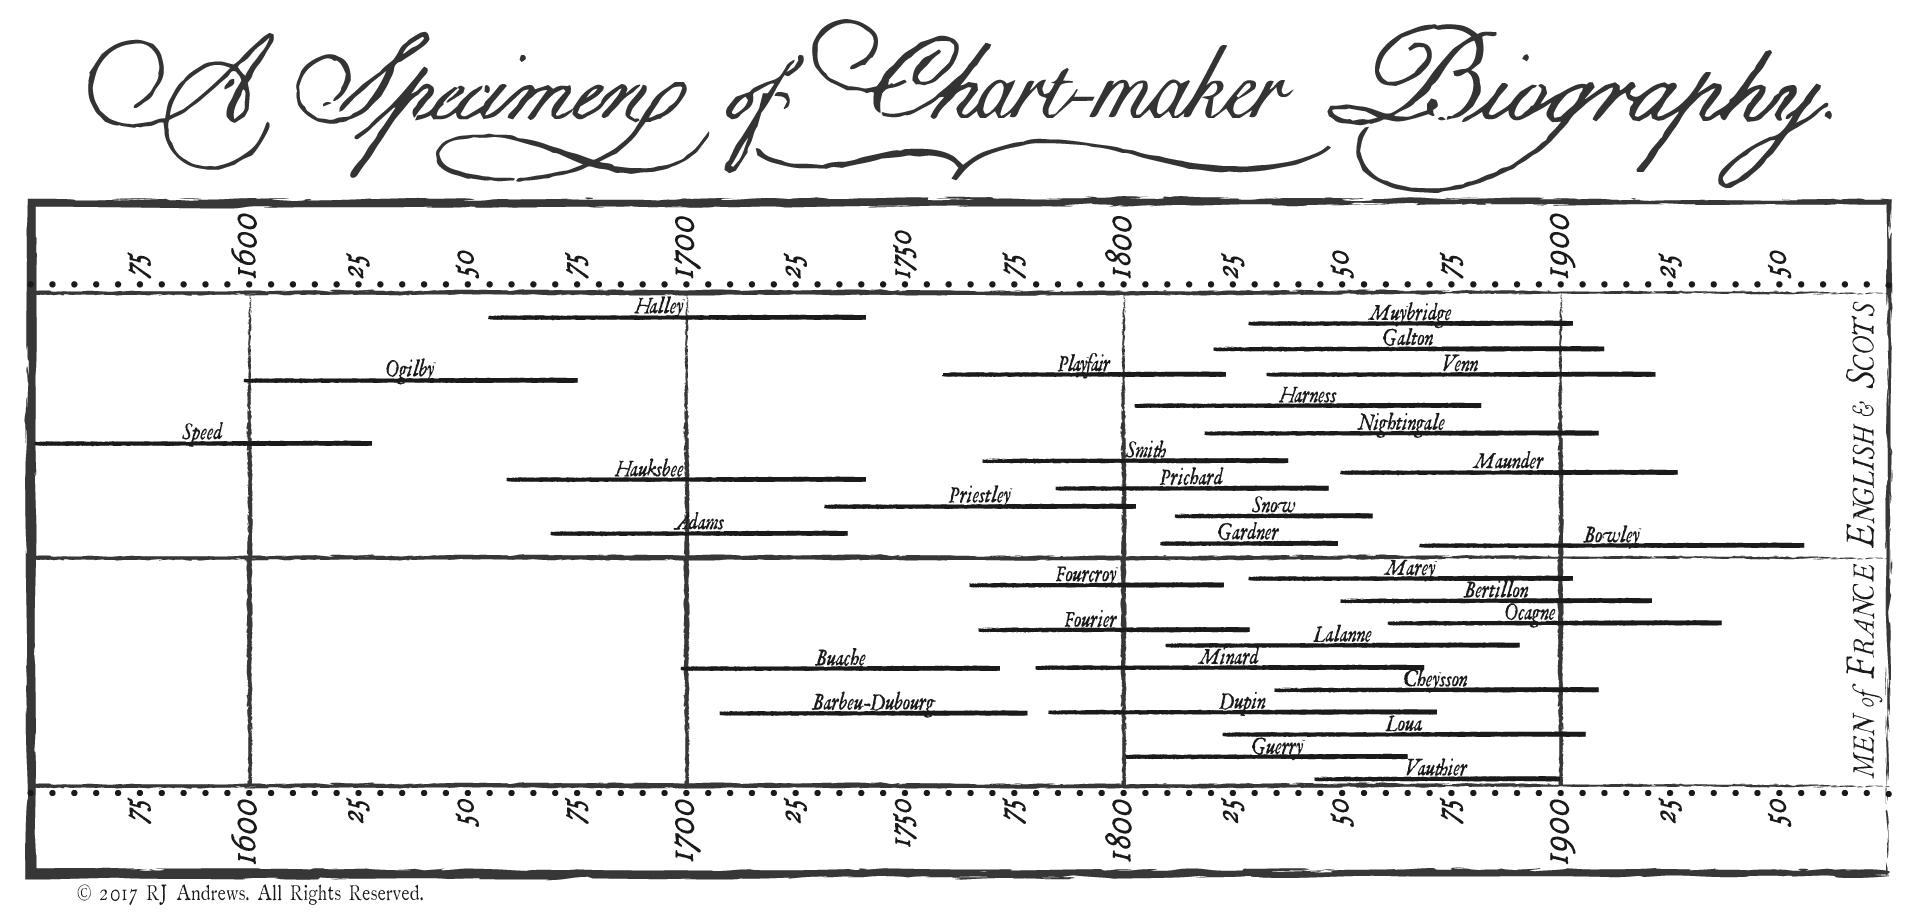 chart maker biography info we trust